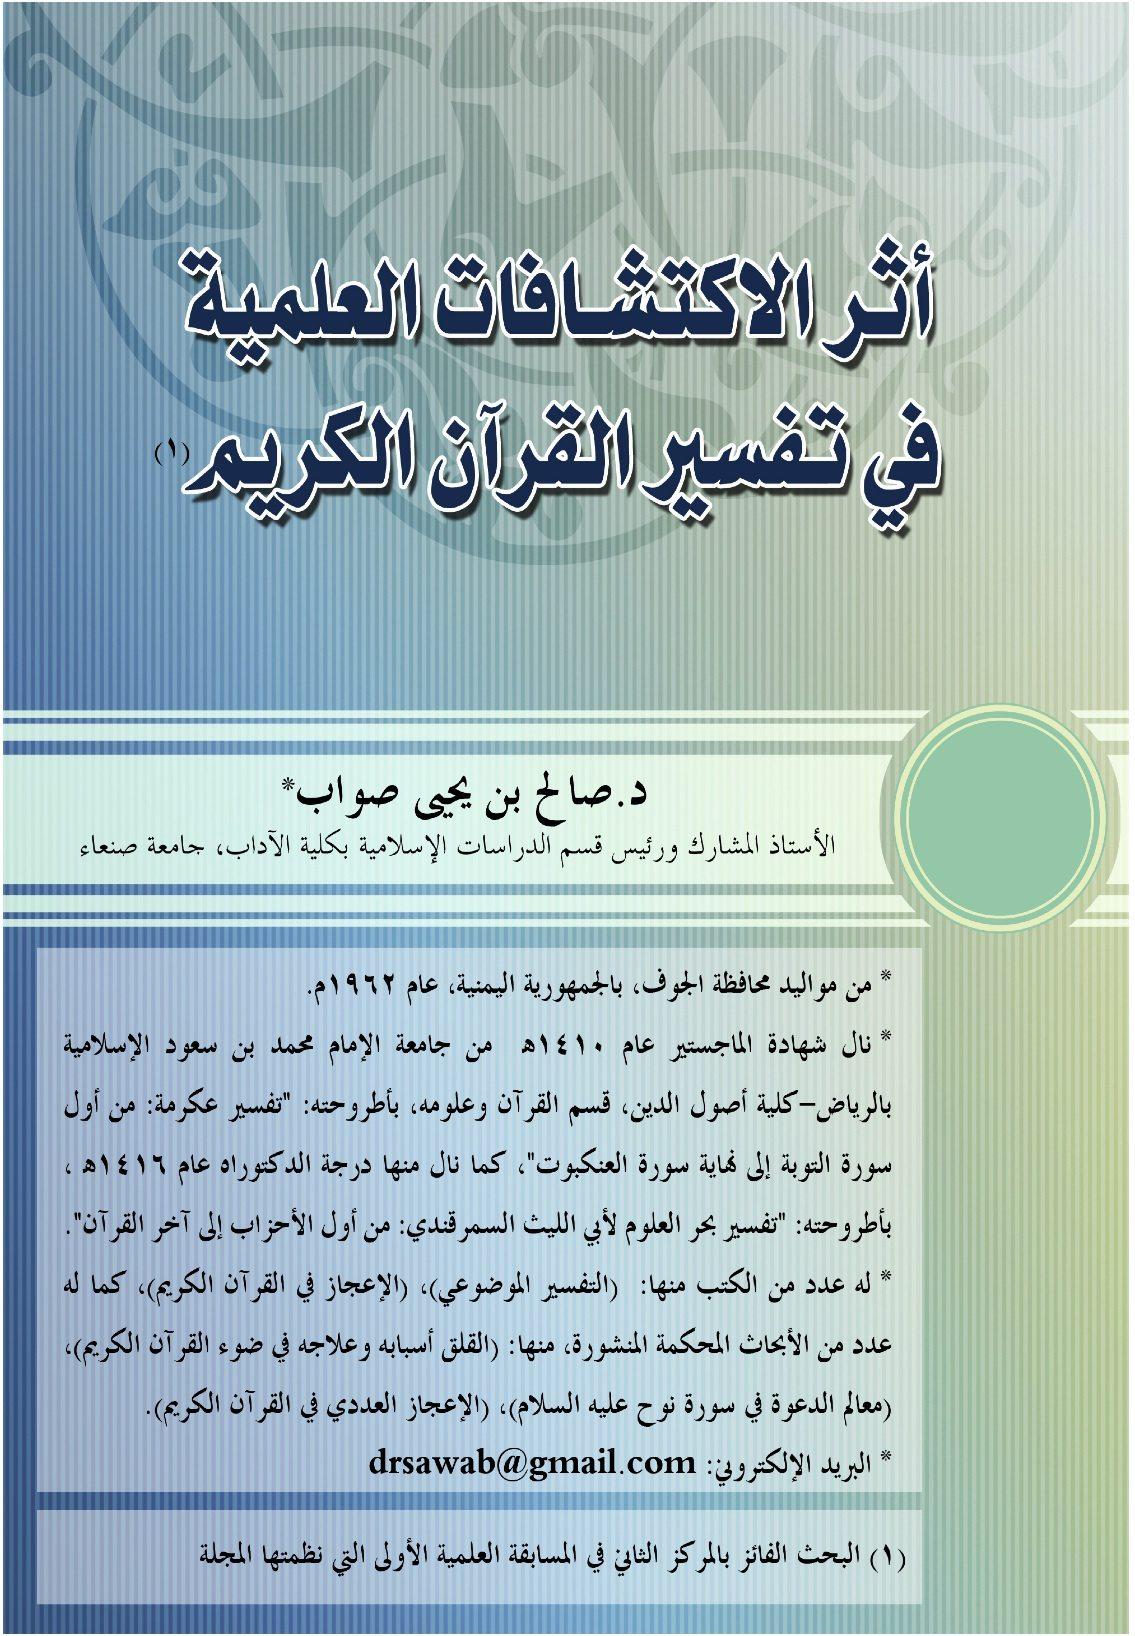 أثر الاكتشافات العلمية في تفسير القرآن الكريم